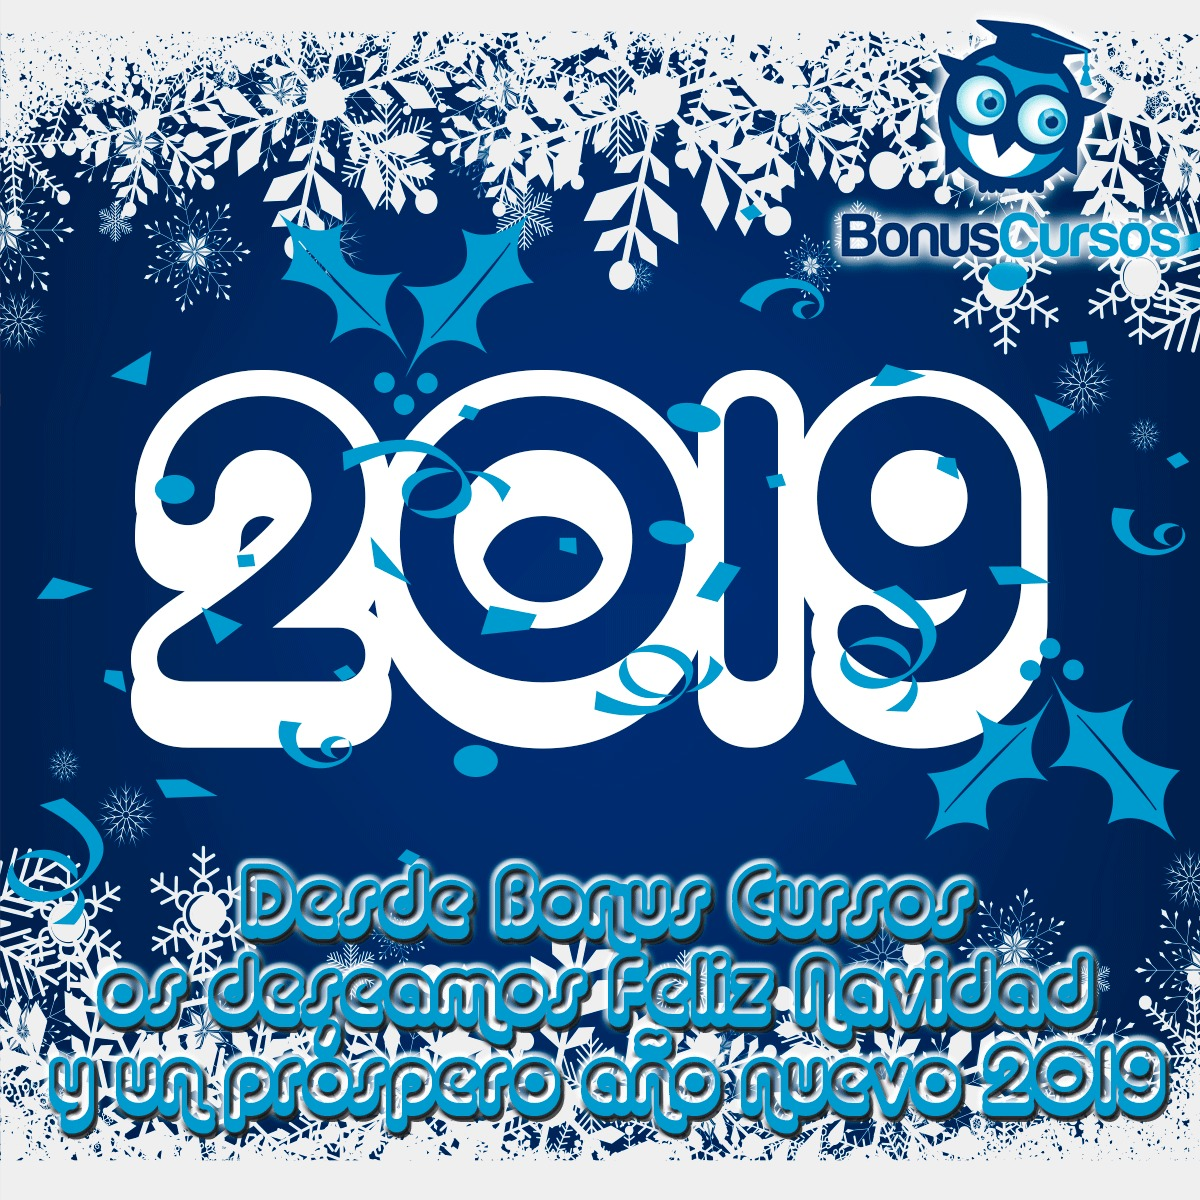 Feliz Navidad y Próspero Año 2019